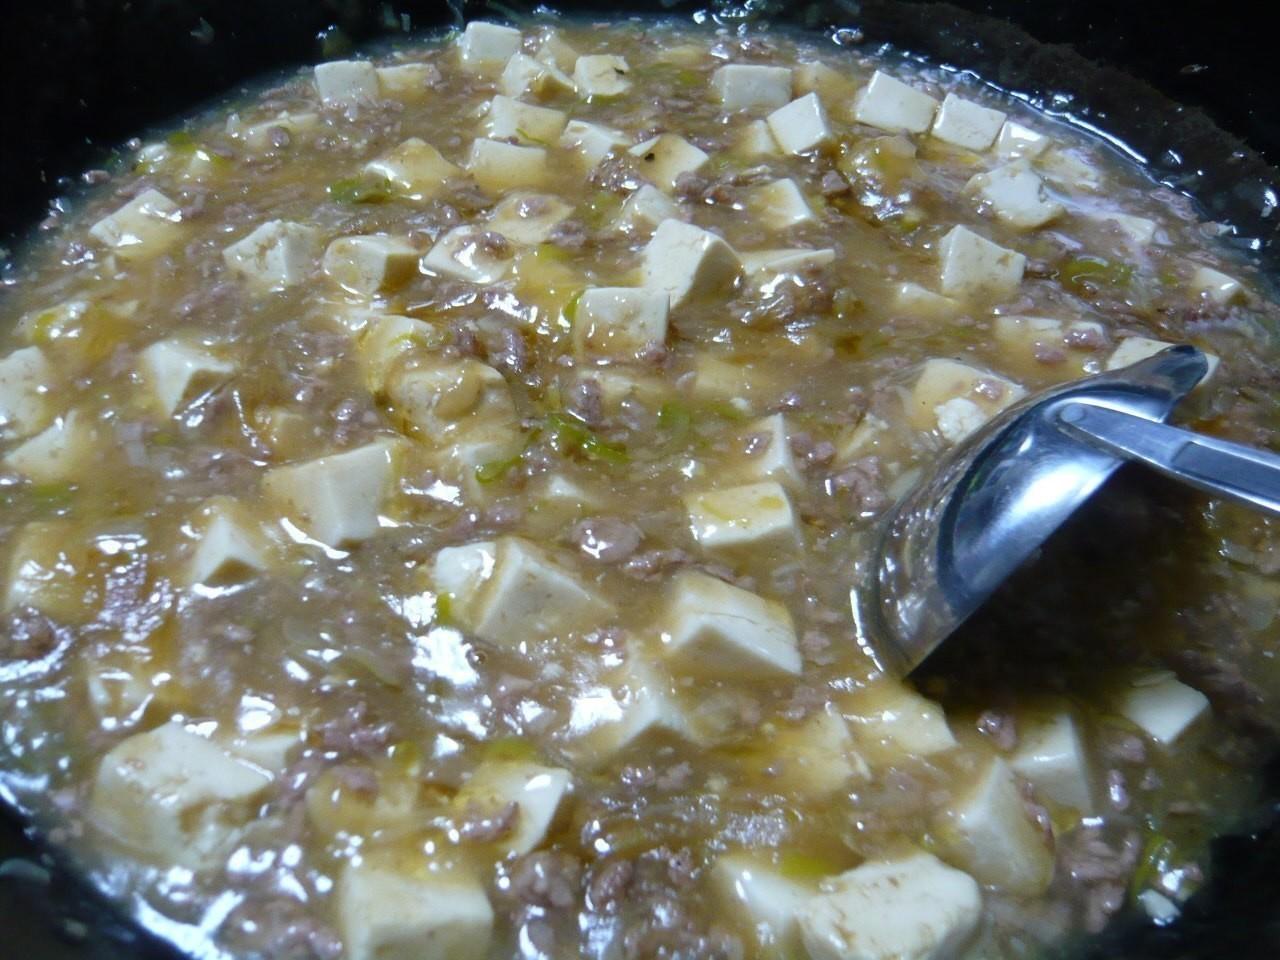 今日の晩御飯はマーボー豆腐!最近ハマってます♪